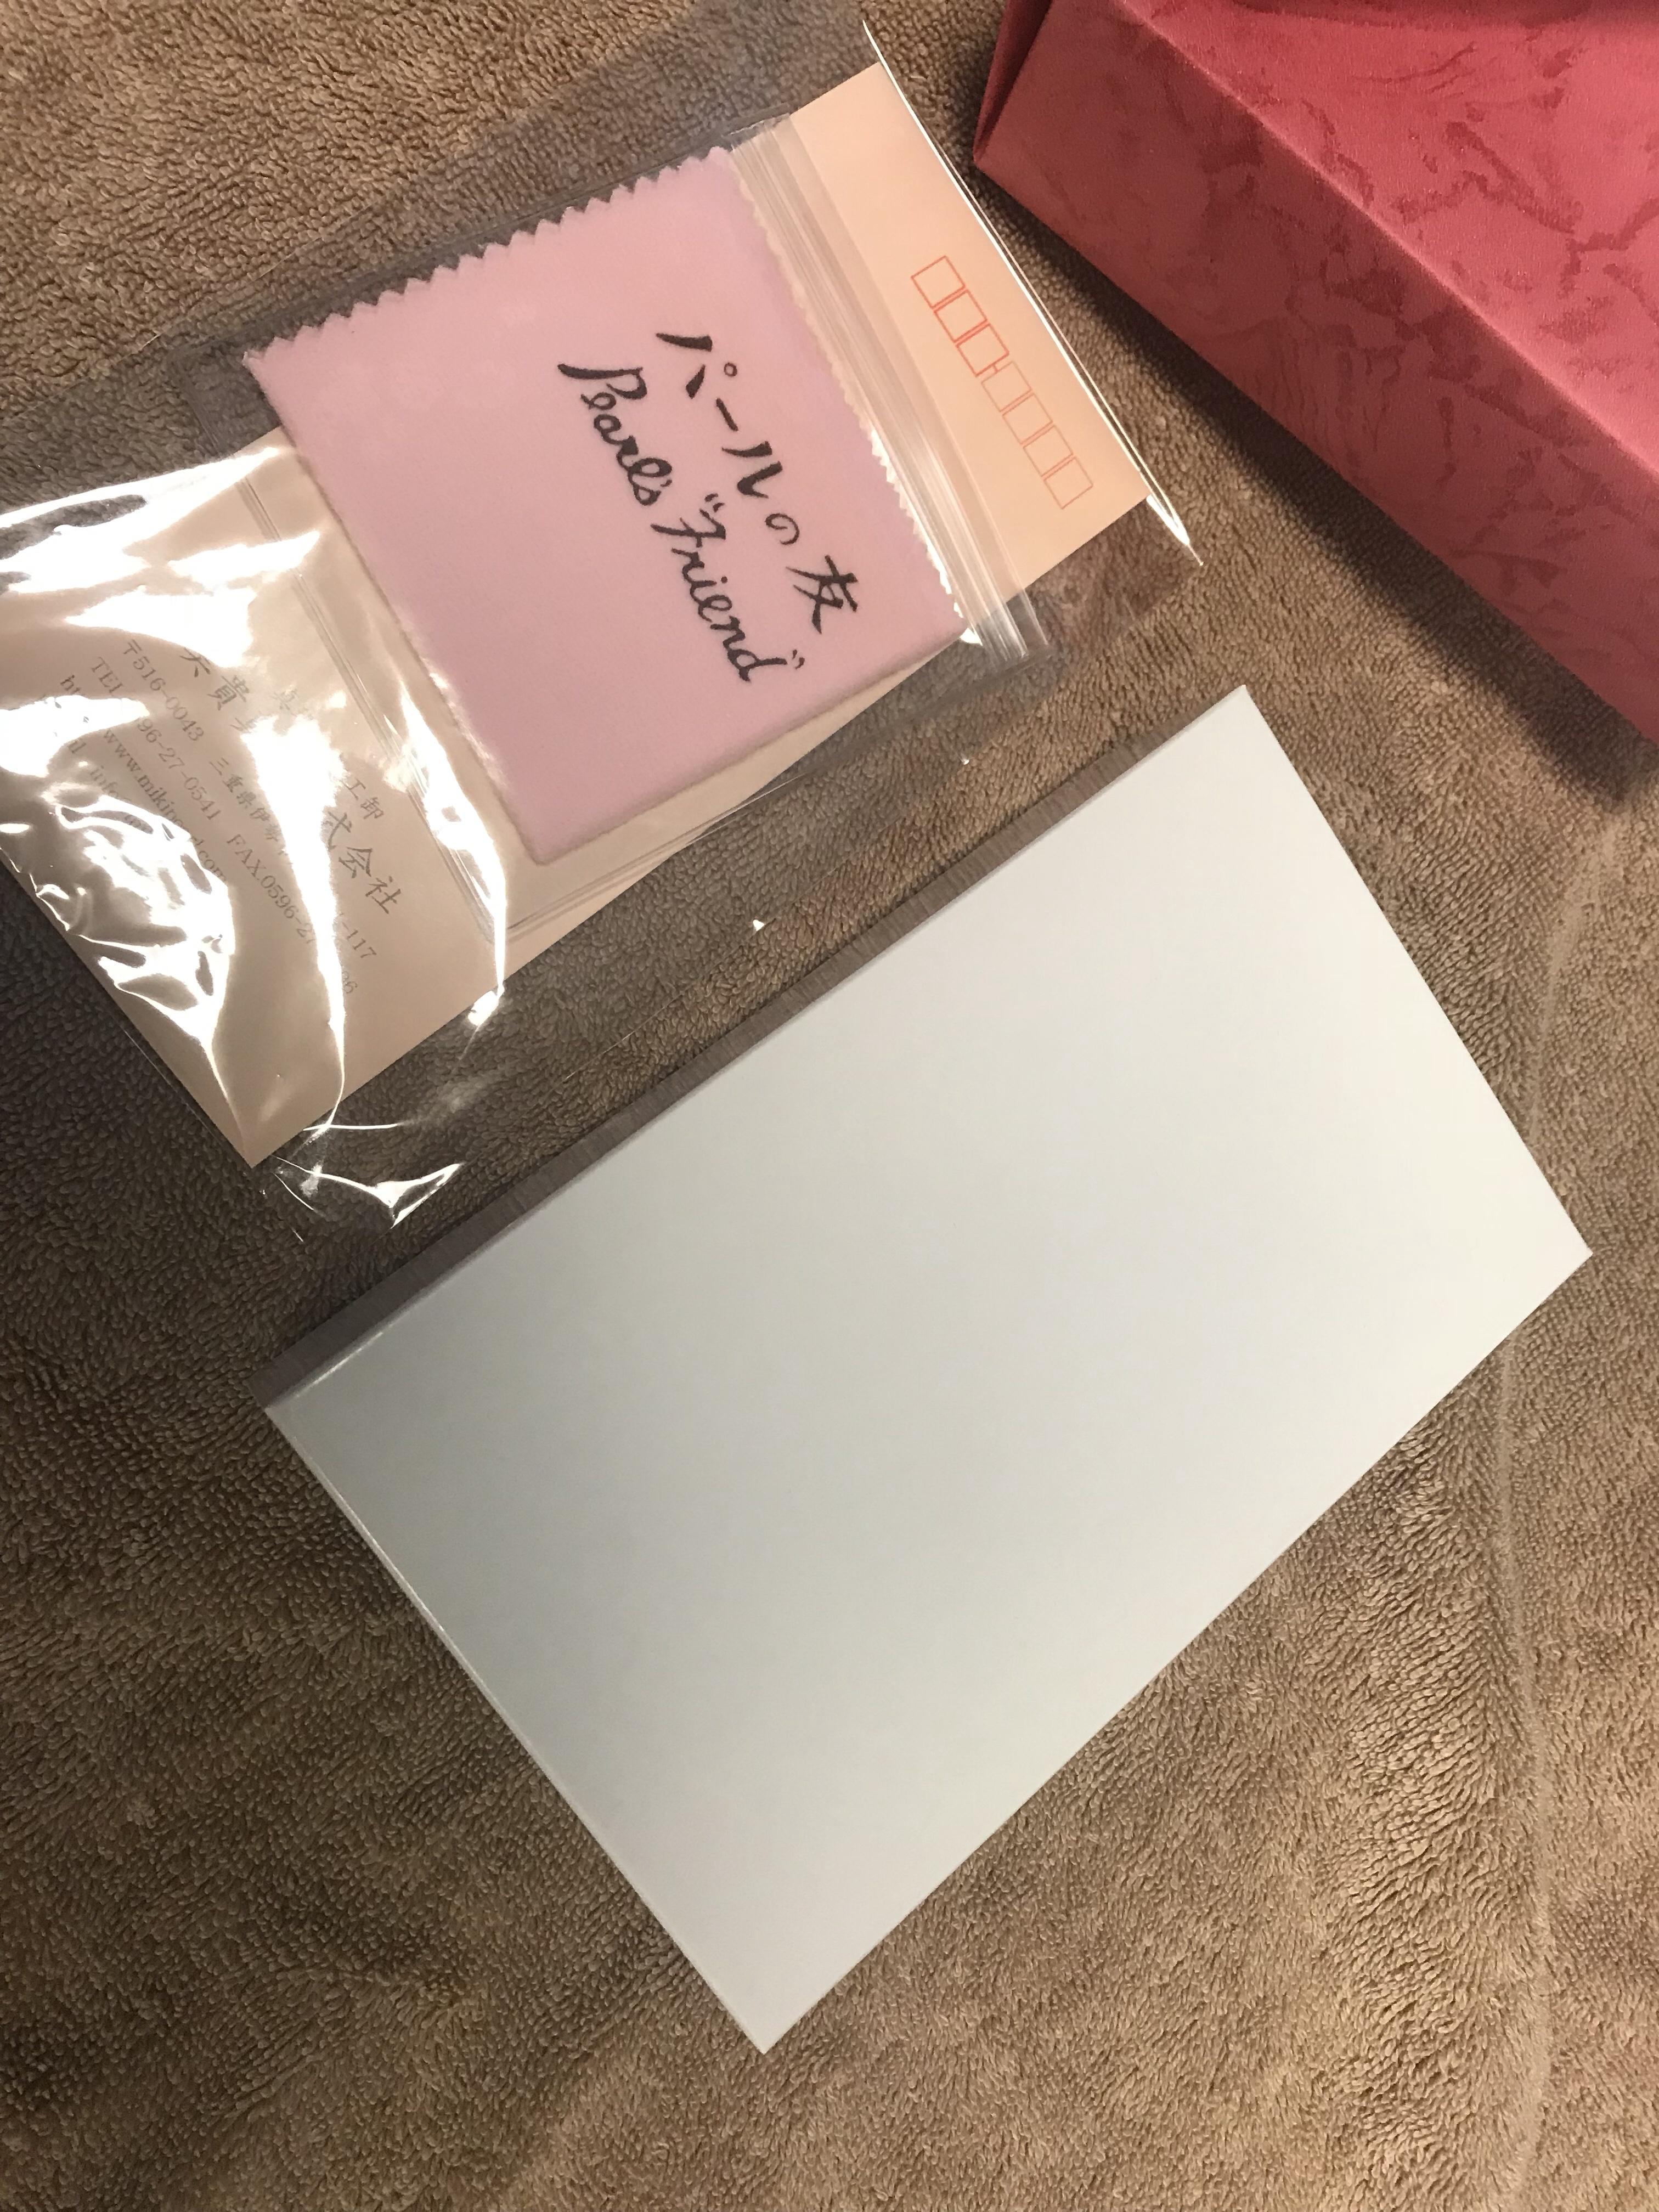 赤い包装を取ると、中に白い箱が。この箱の中に白いジュエリーケースが入っており、その中にネックレスとピアスが収納されています。左に見えるのはパールを磨くクロスです(こちらも無料で付いてきました)。という写真